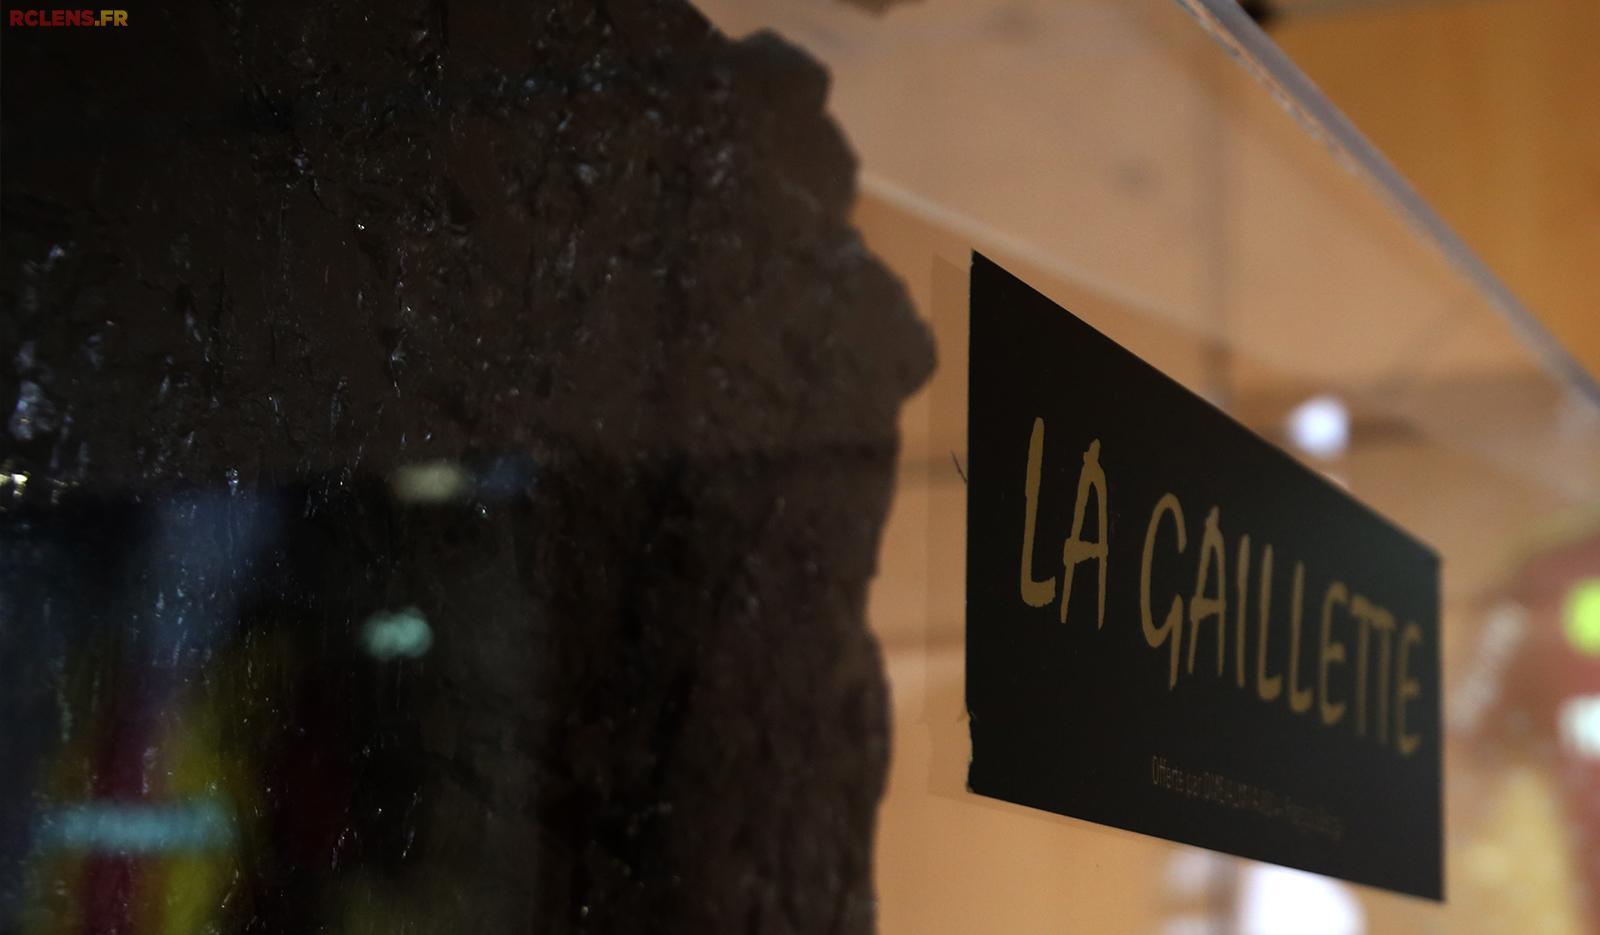 Club La Gaillette Charbon